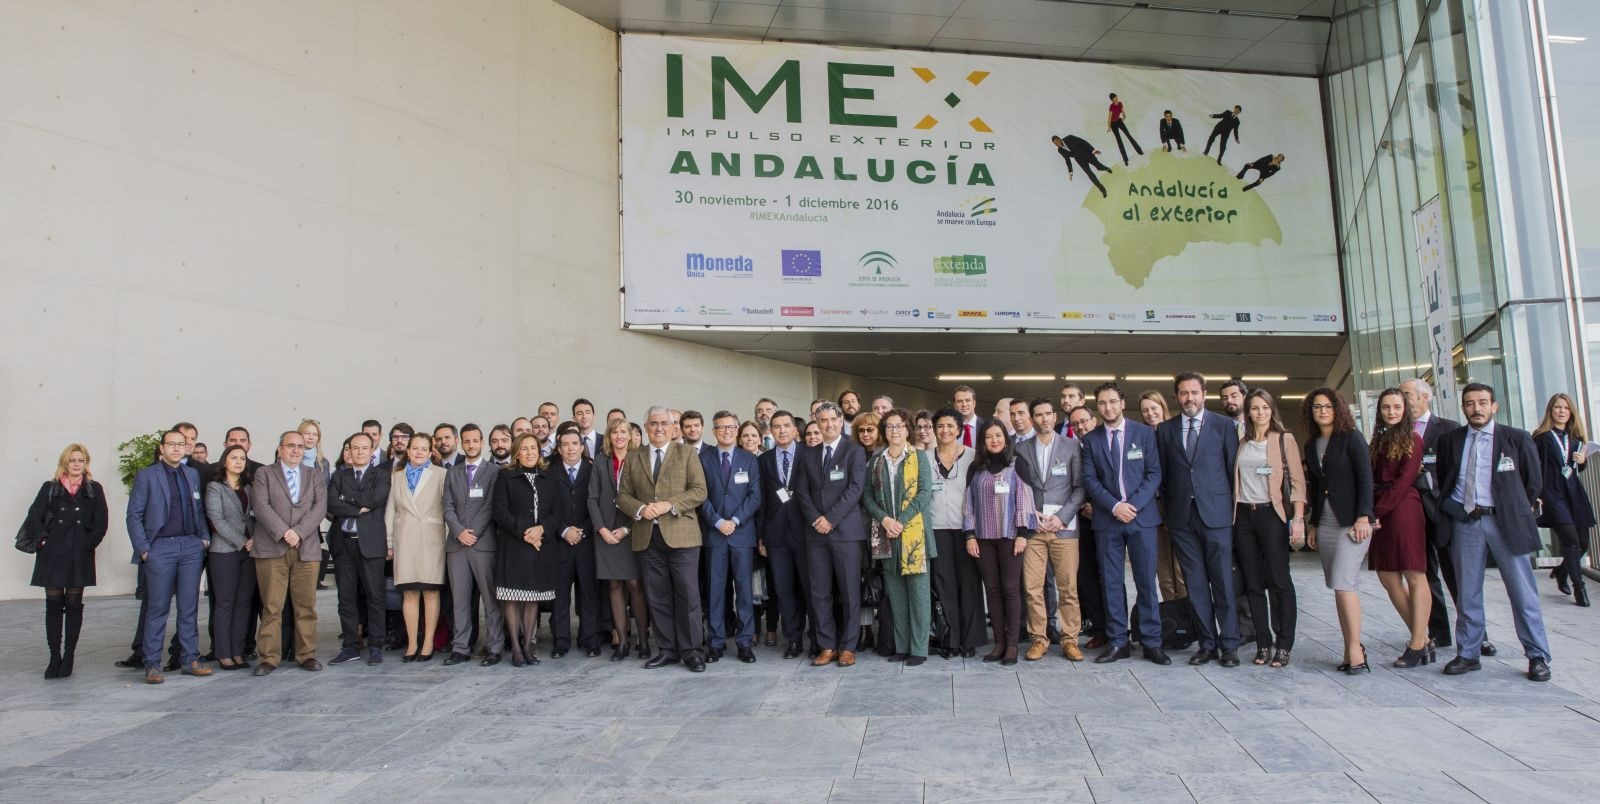 Participación de la Embajada en la 4ª edición del IMEX ANDALUCÍA